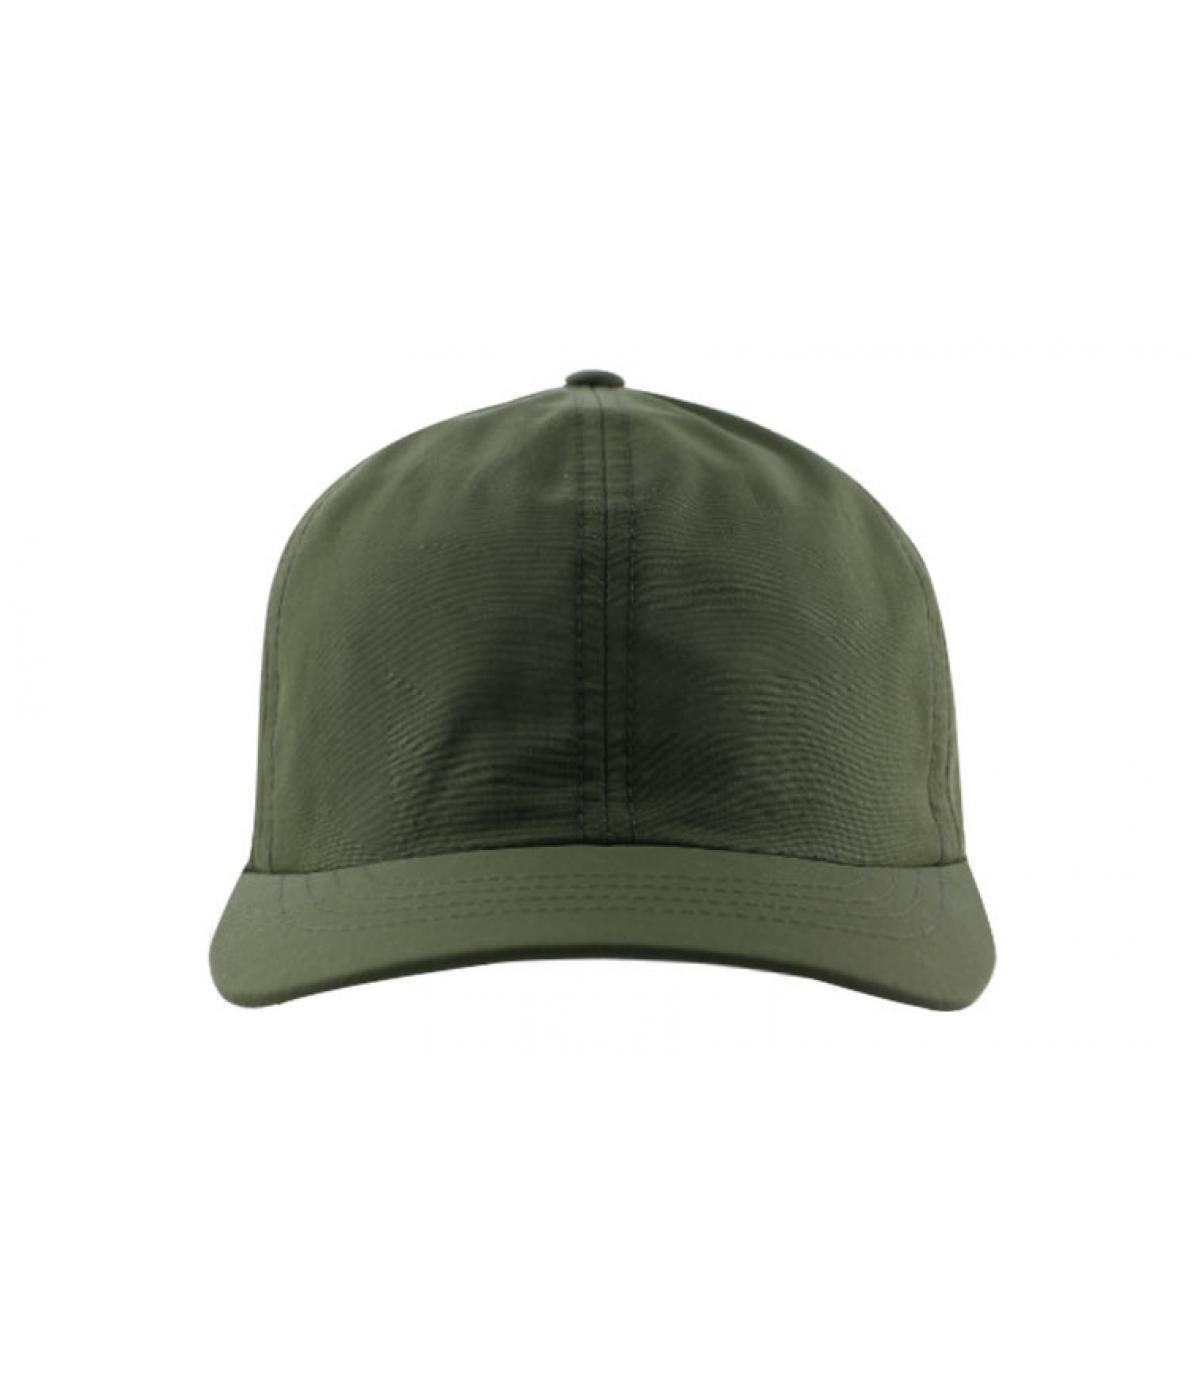 curva de gorra olive green